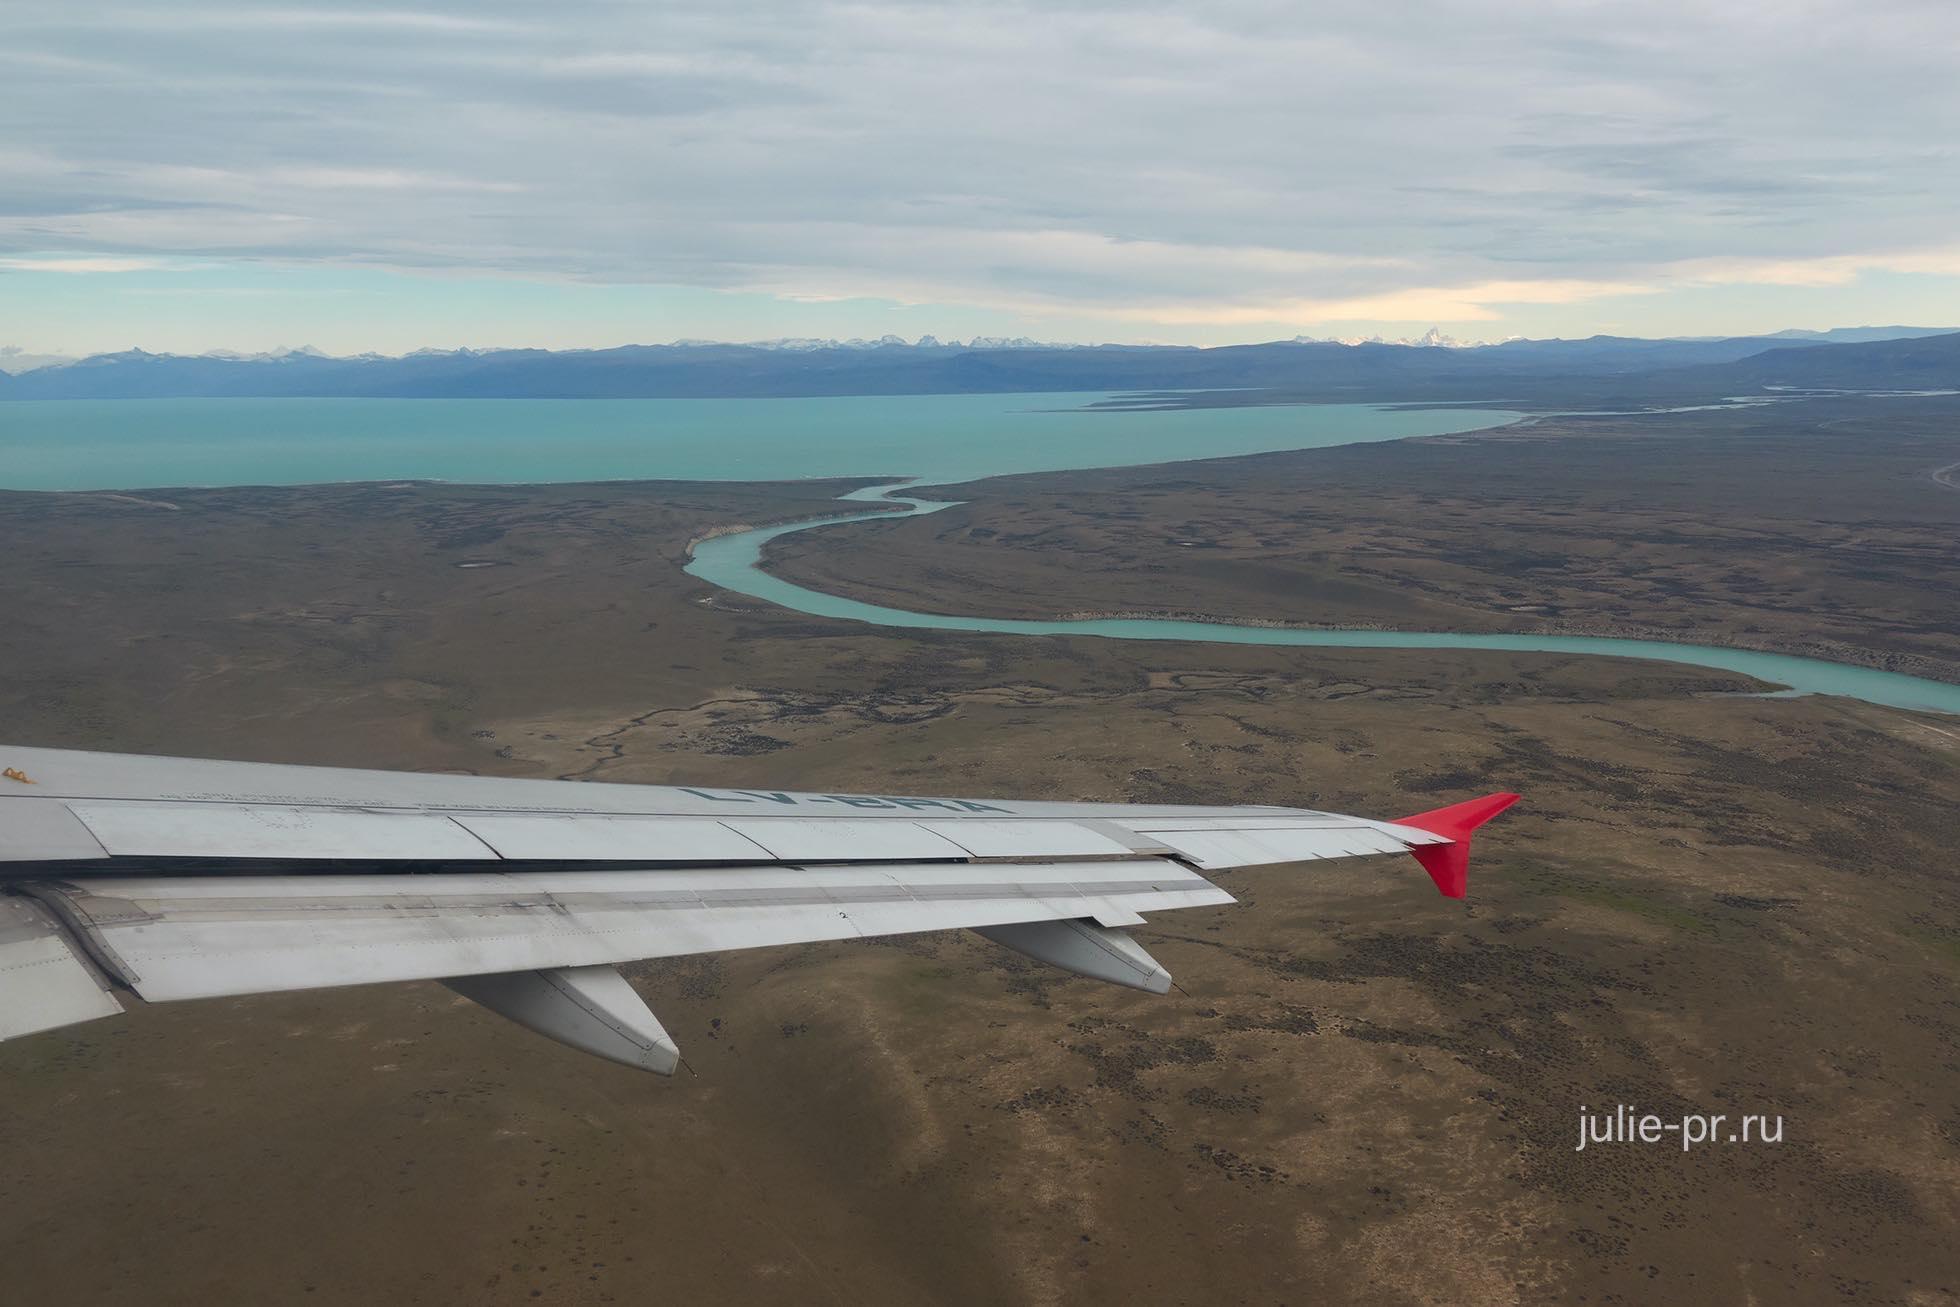 Аргентина, Патагония, Лаго-Архентино с самолёта